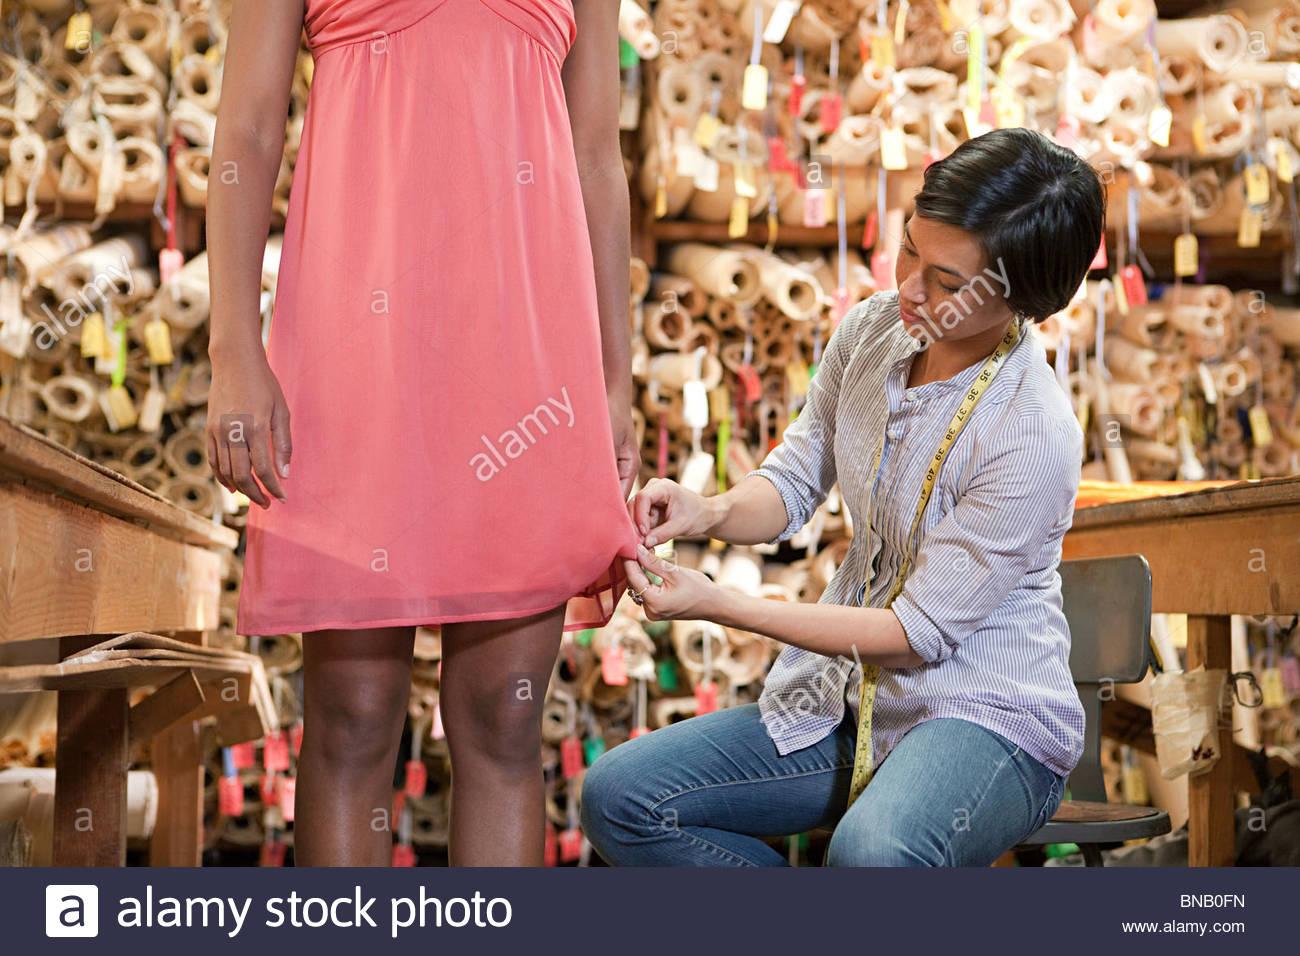 Réglage sur le modèle robe couturière Photo Stock